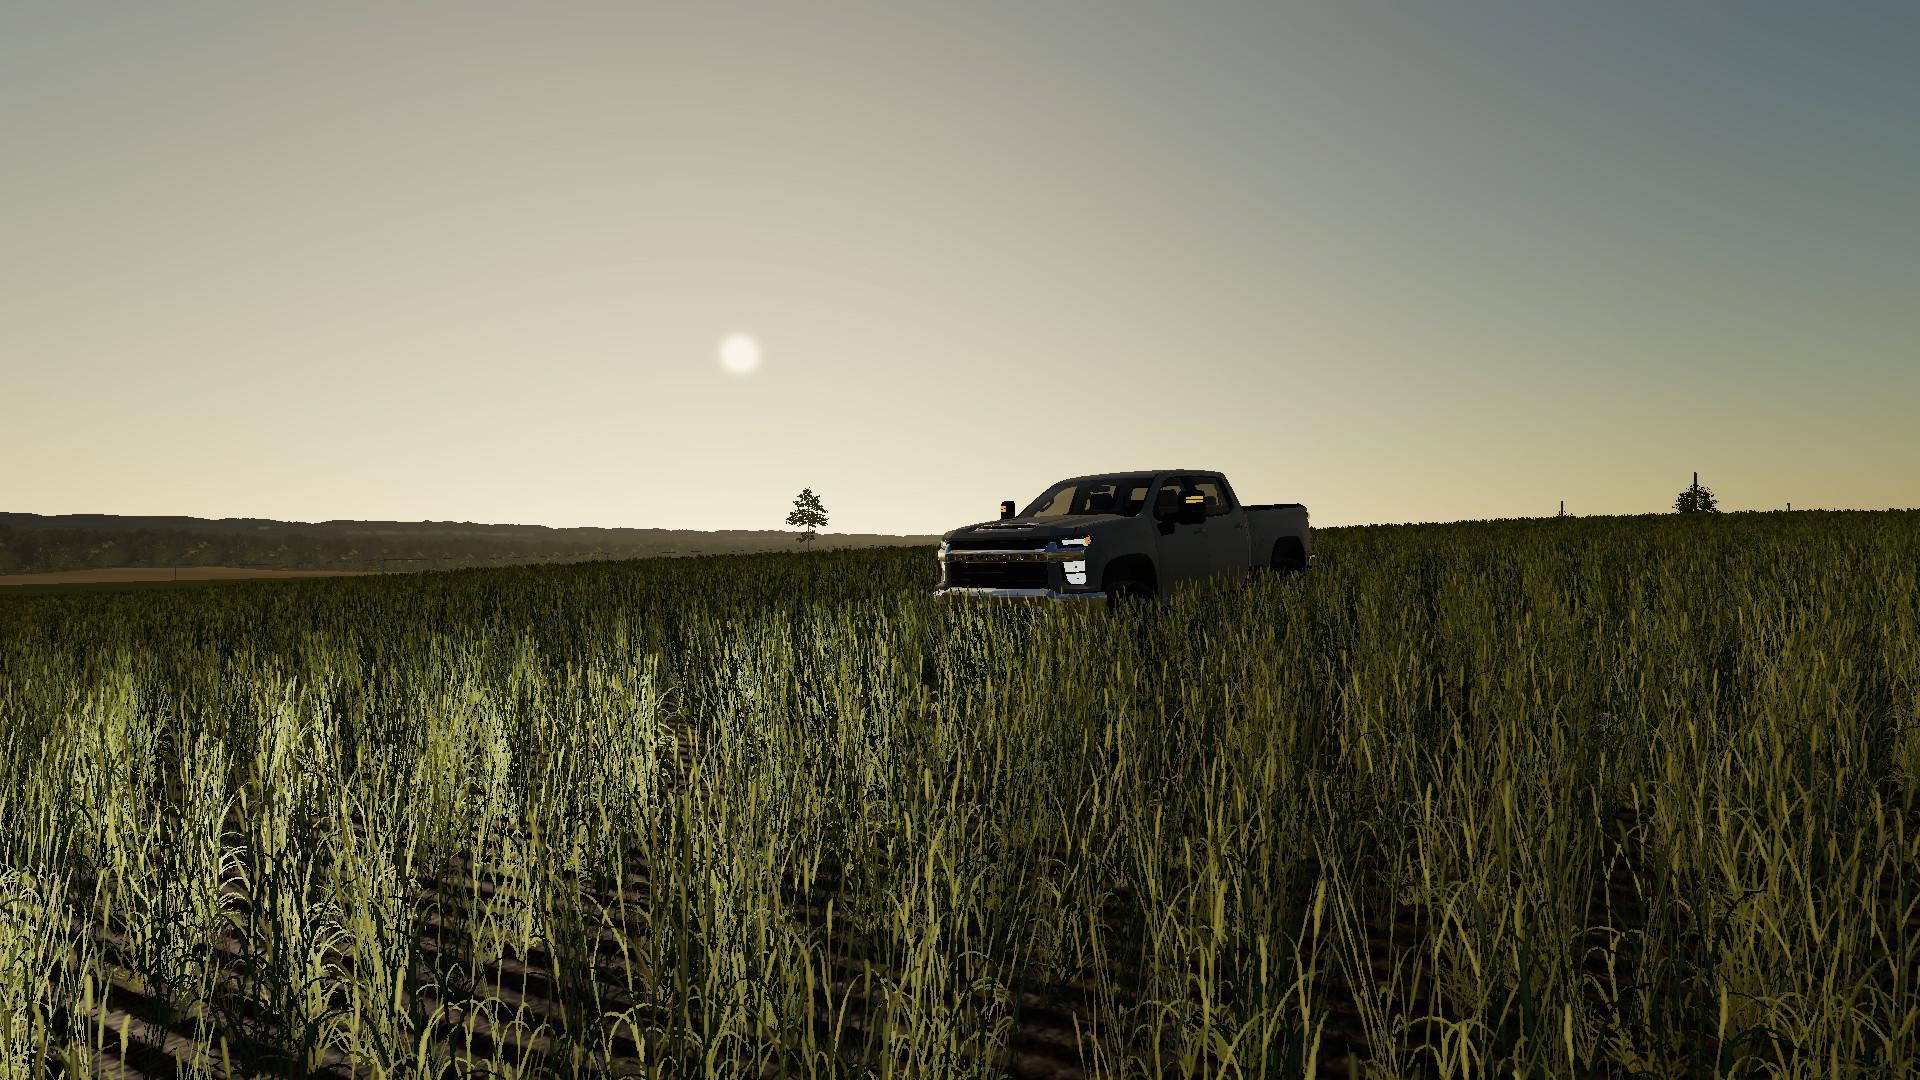 2020 Chevy Silverado 2500HD Duramax v1.0 FS19 | Landwirtschafts Simulator 19 Mods | LS19 Mods